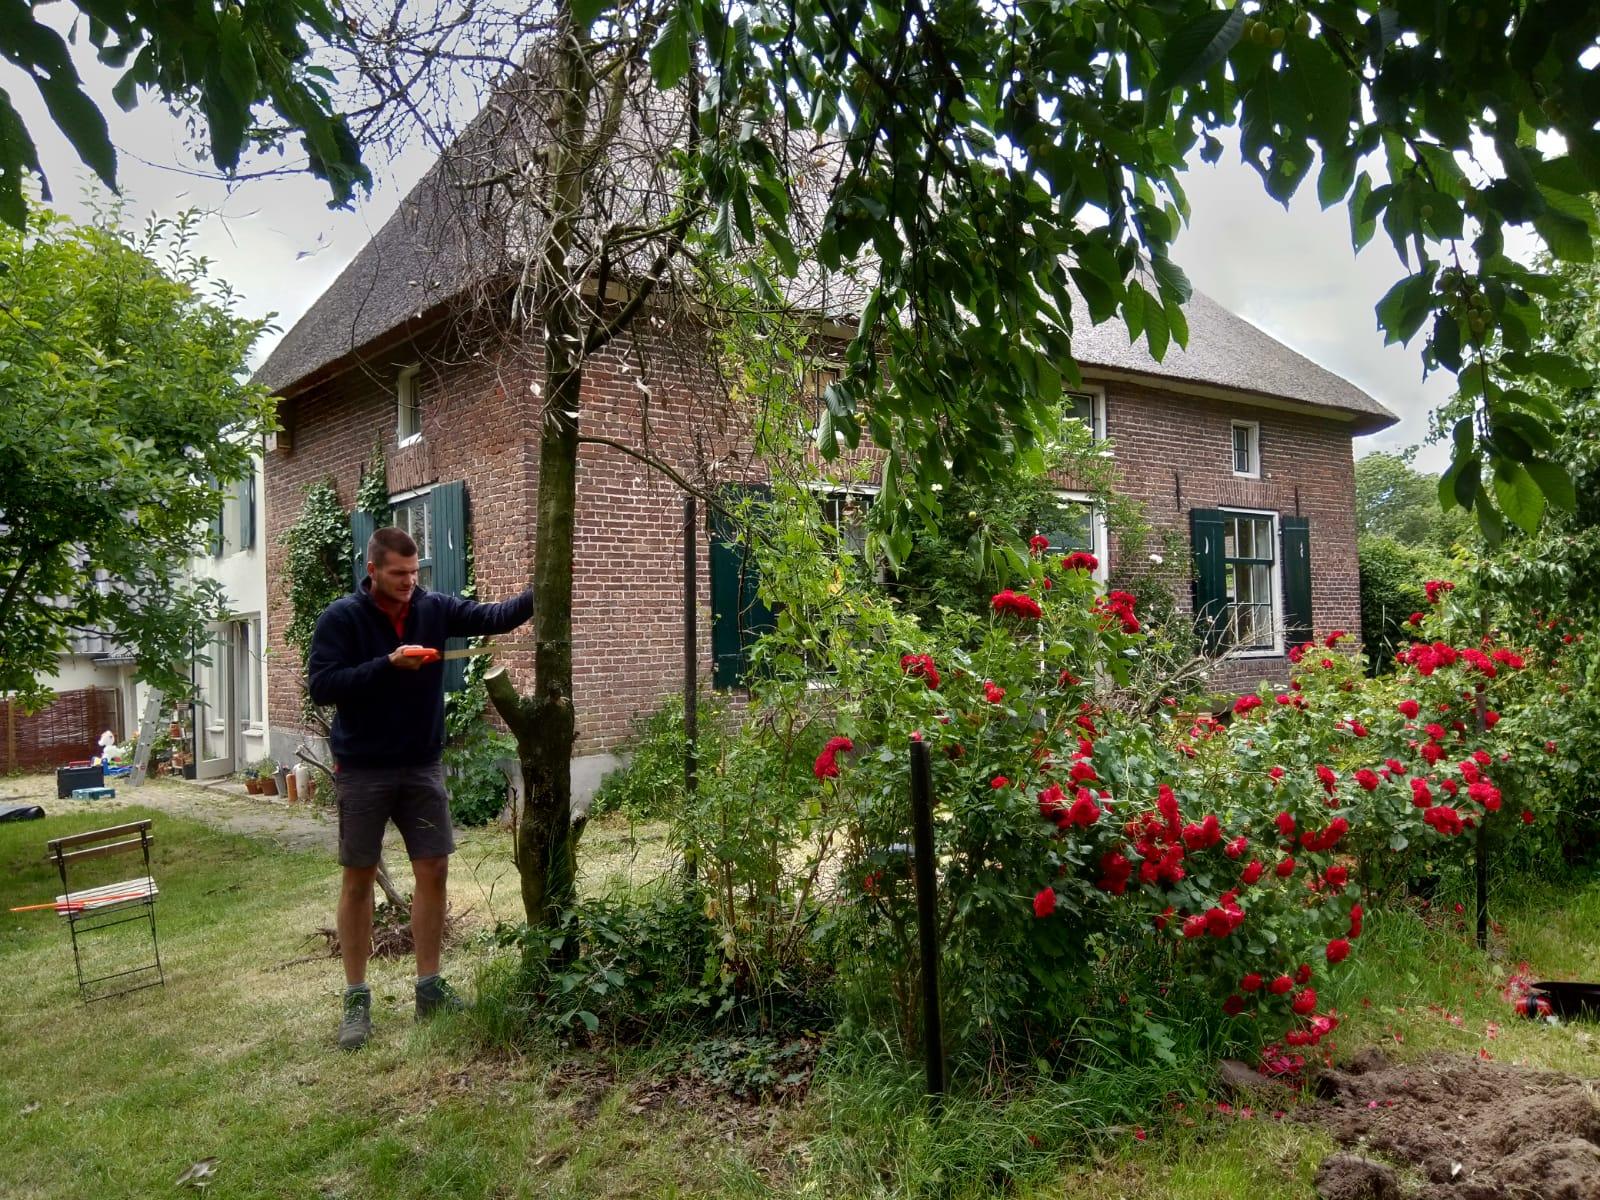 Boom omzagen niek termaat klus en tuin